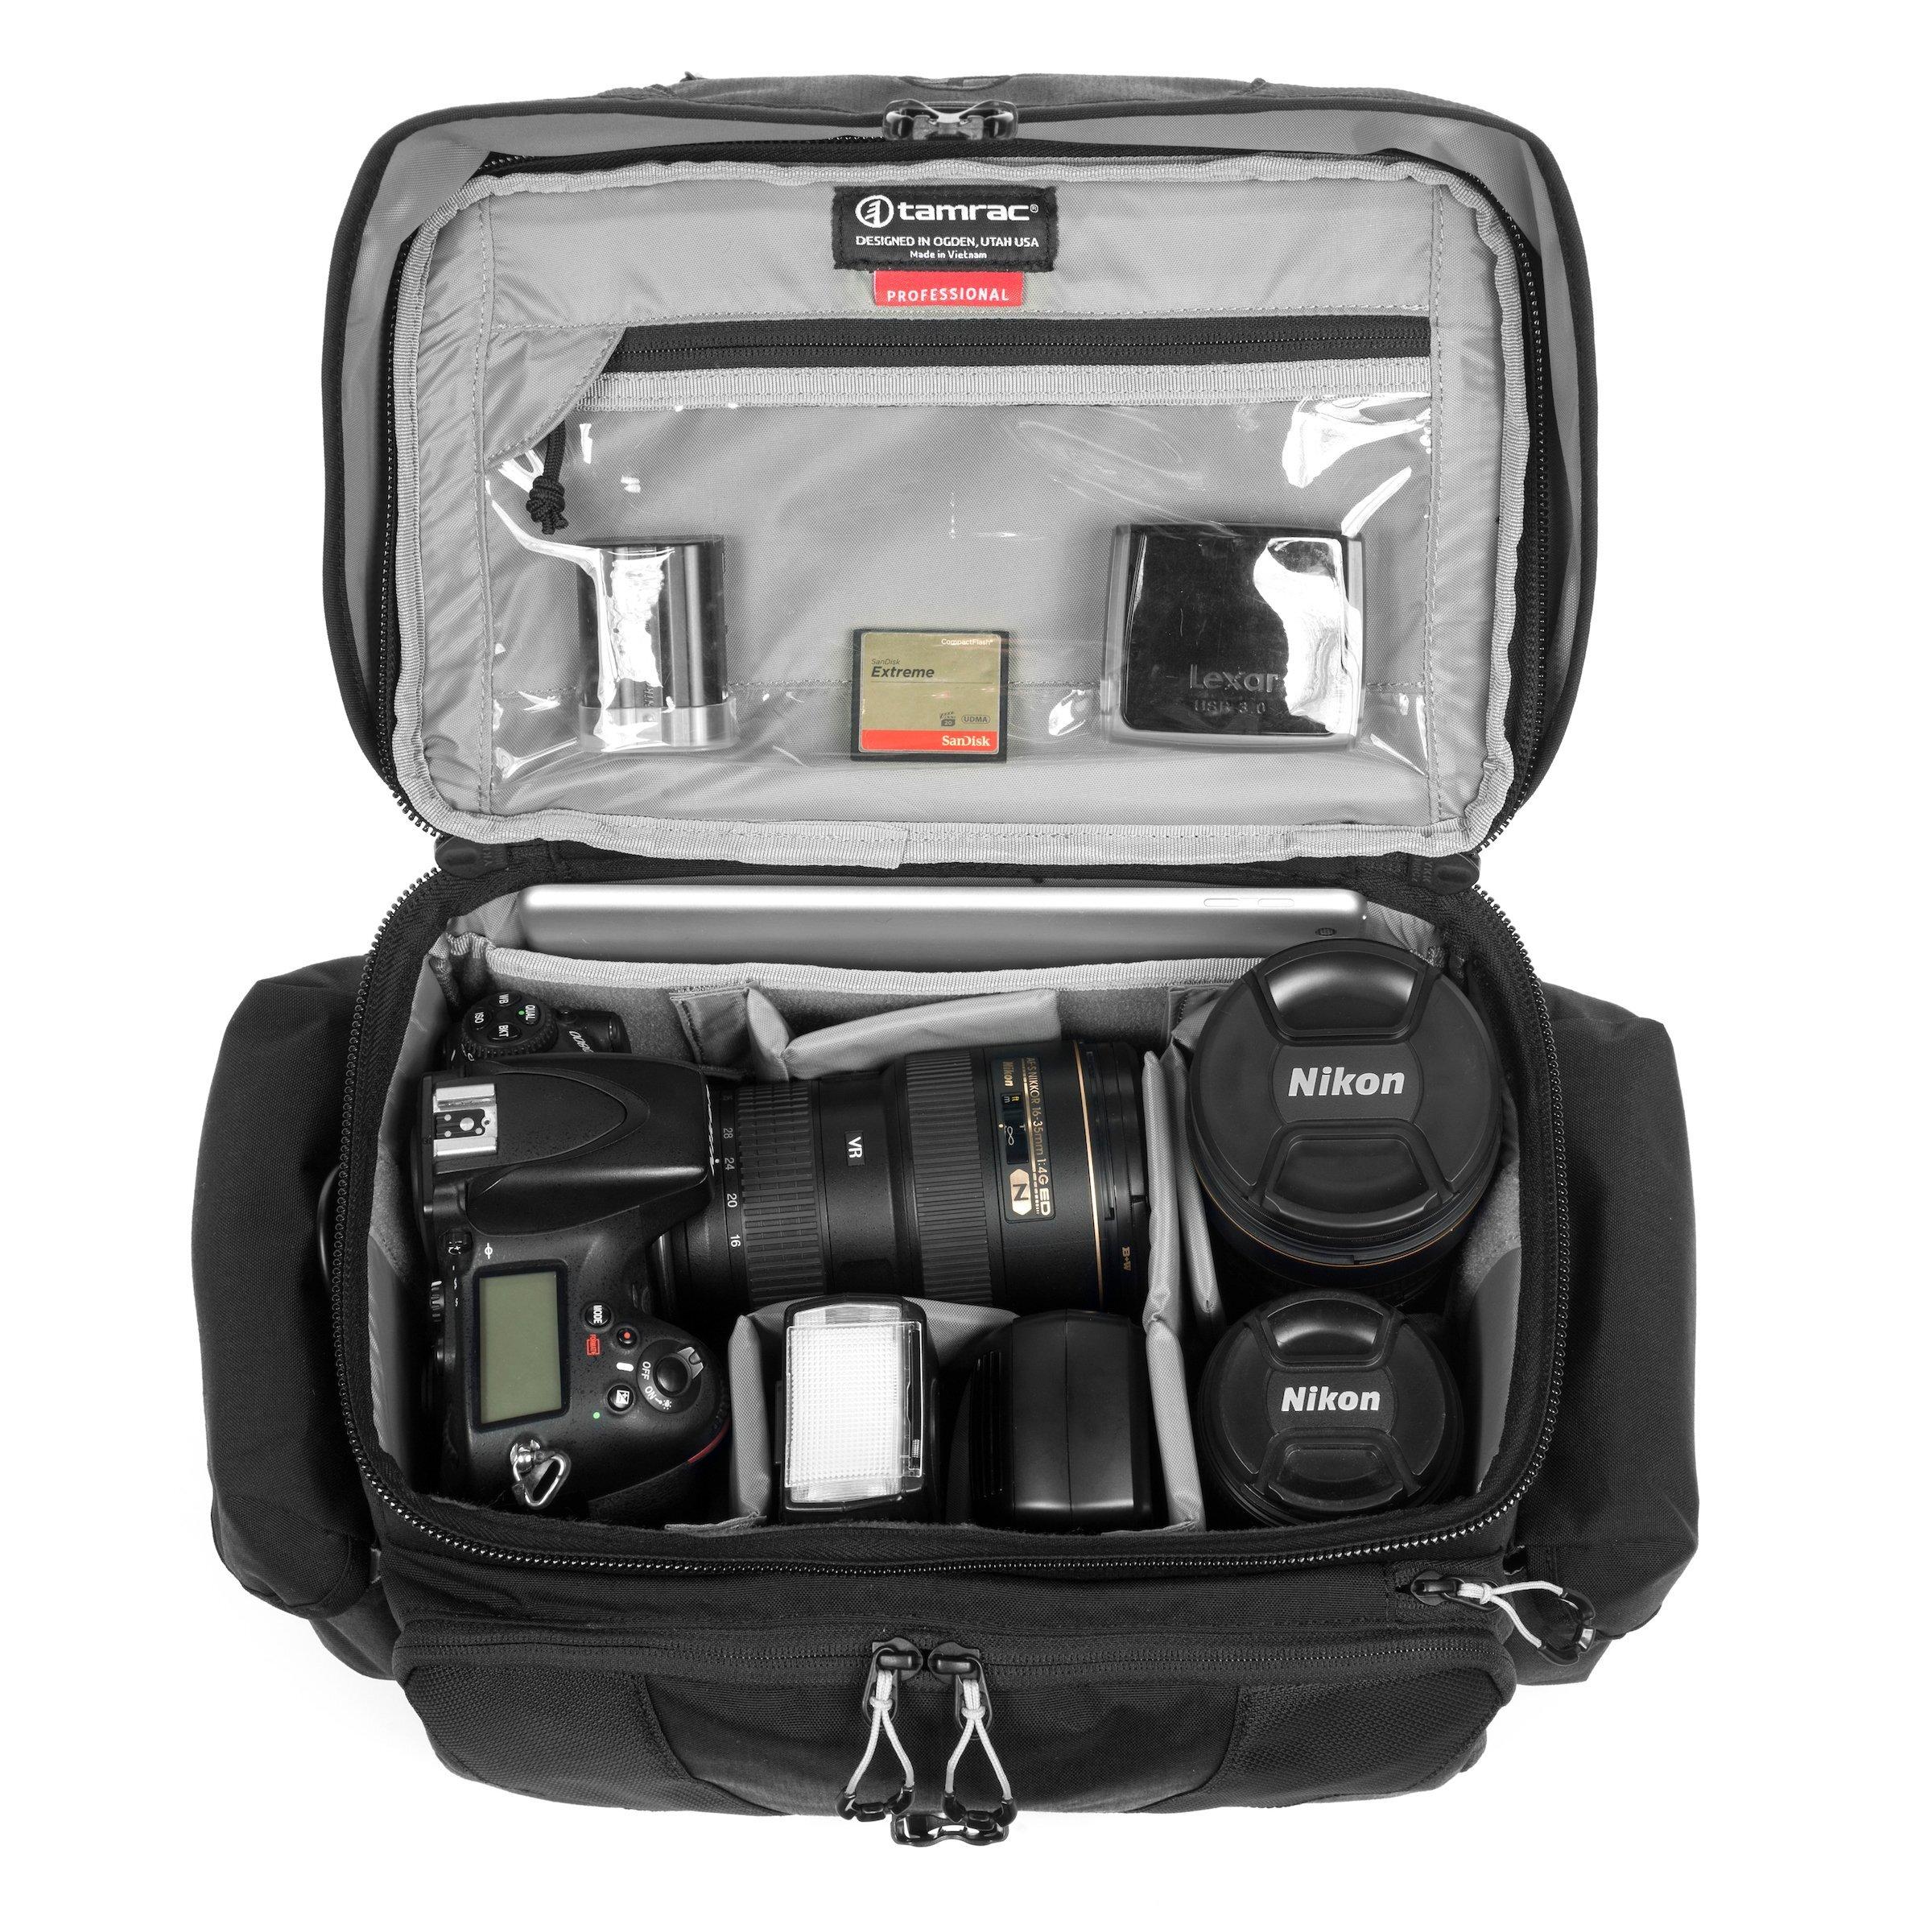 Sức chứa của túi đựng máy ảnh rộng rãi